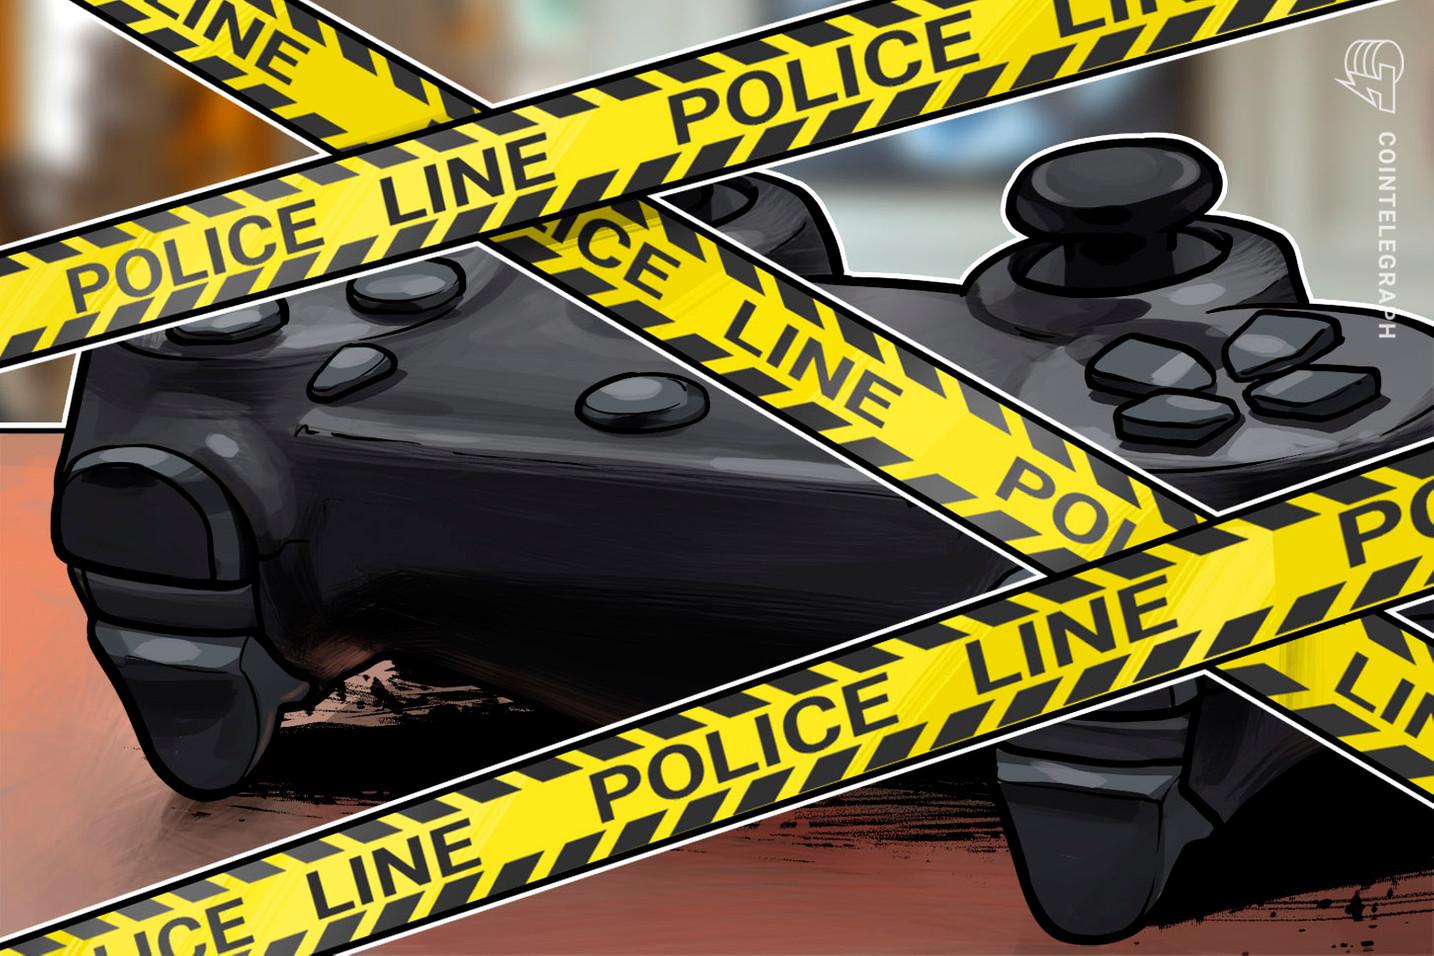 Arestētās PS4 konsoles Ukrainā, ko izmanto FIFA kontiem, nevis kriptogrāfijas ieguvei